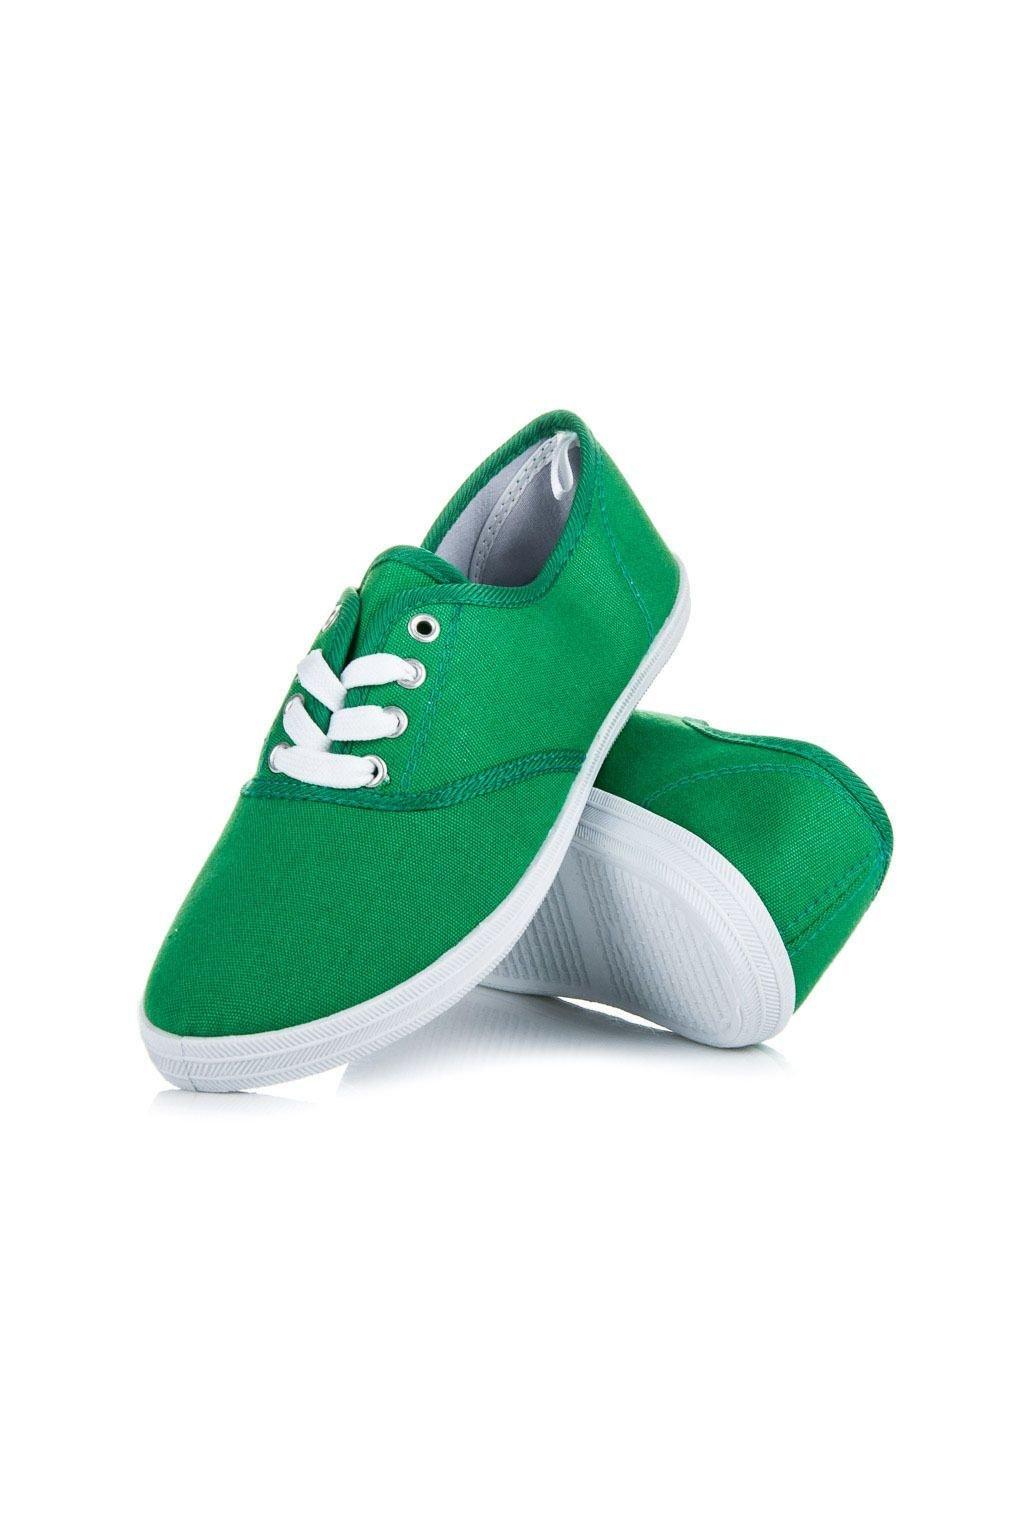 svetle zelena 1 0.jpg.big